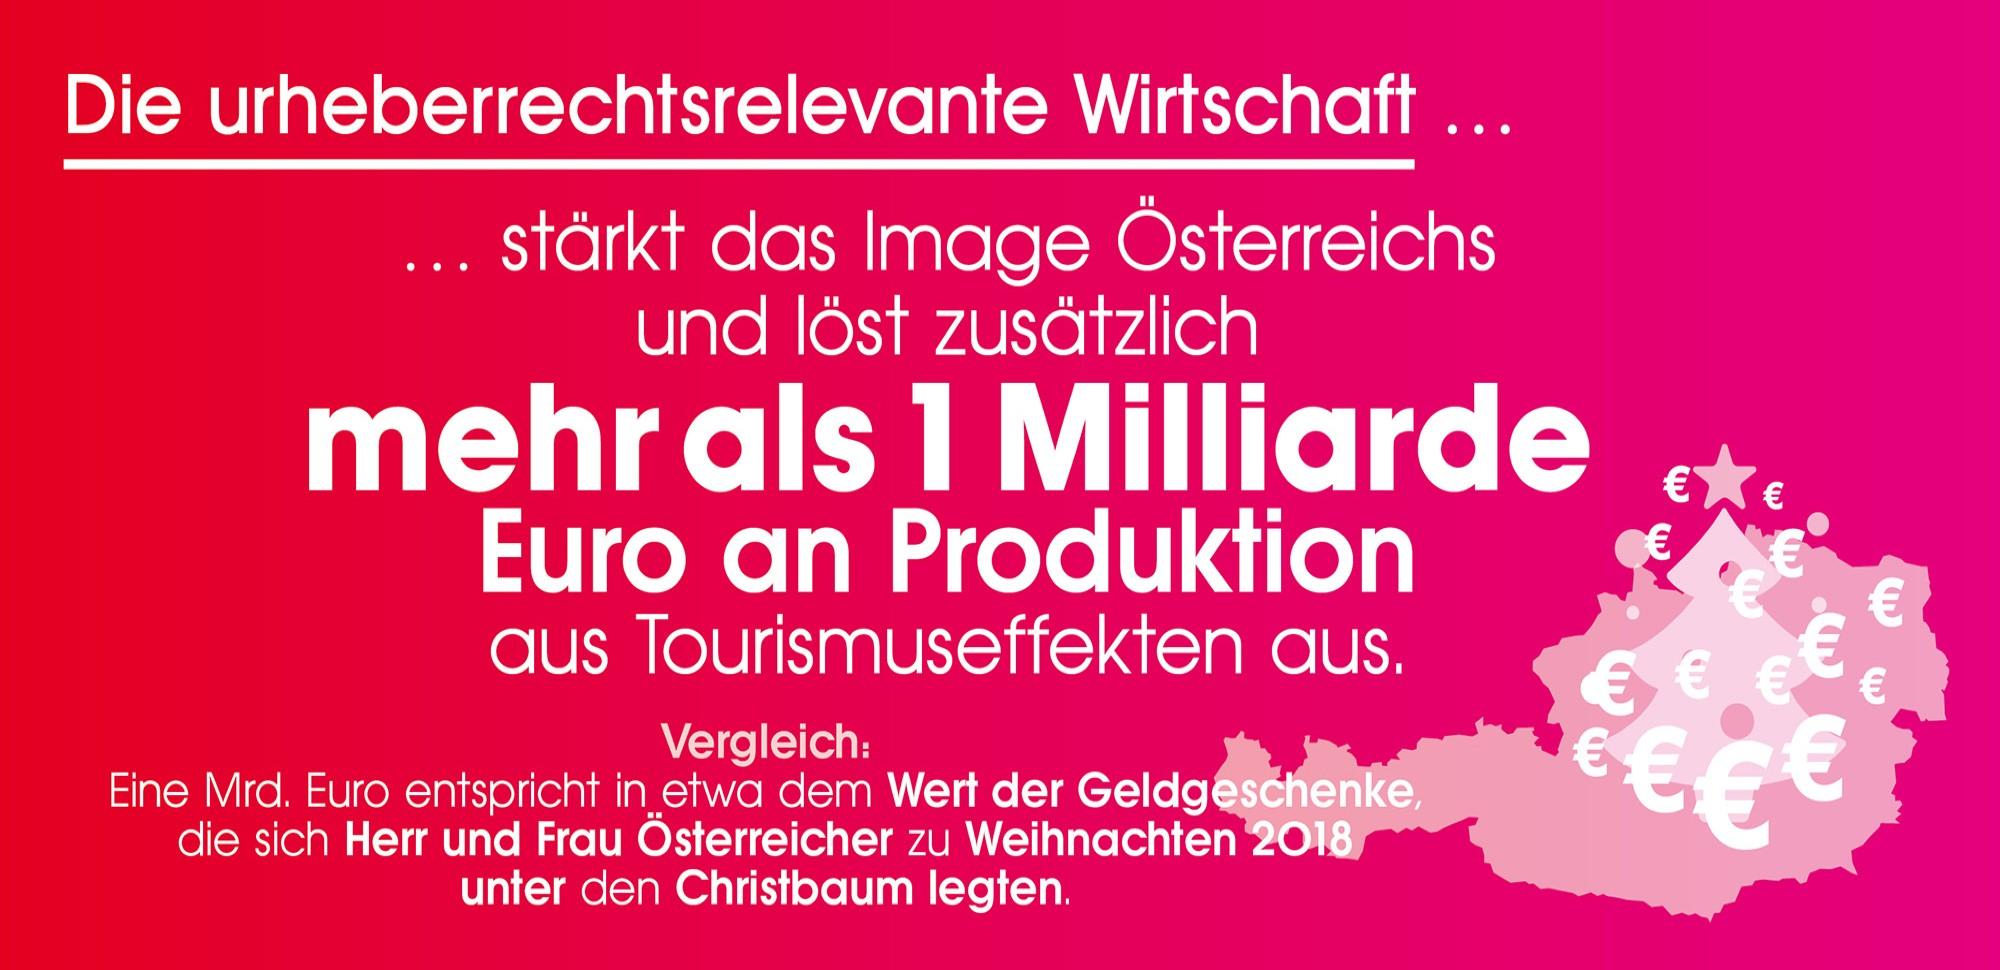 Die urheberrechtsrelevante Wirtschaft stärkt das Image Österreichs und löst zusätzlich mehr als 1 Milliarde Euro an Produktion aus Tourismuseffekten aus